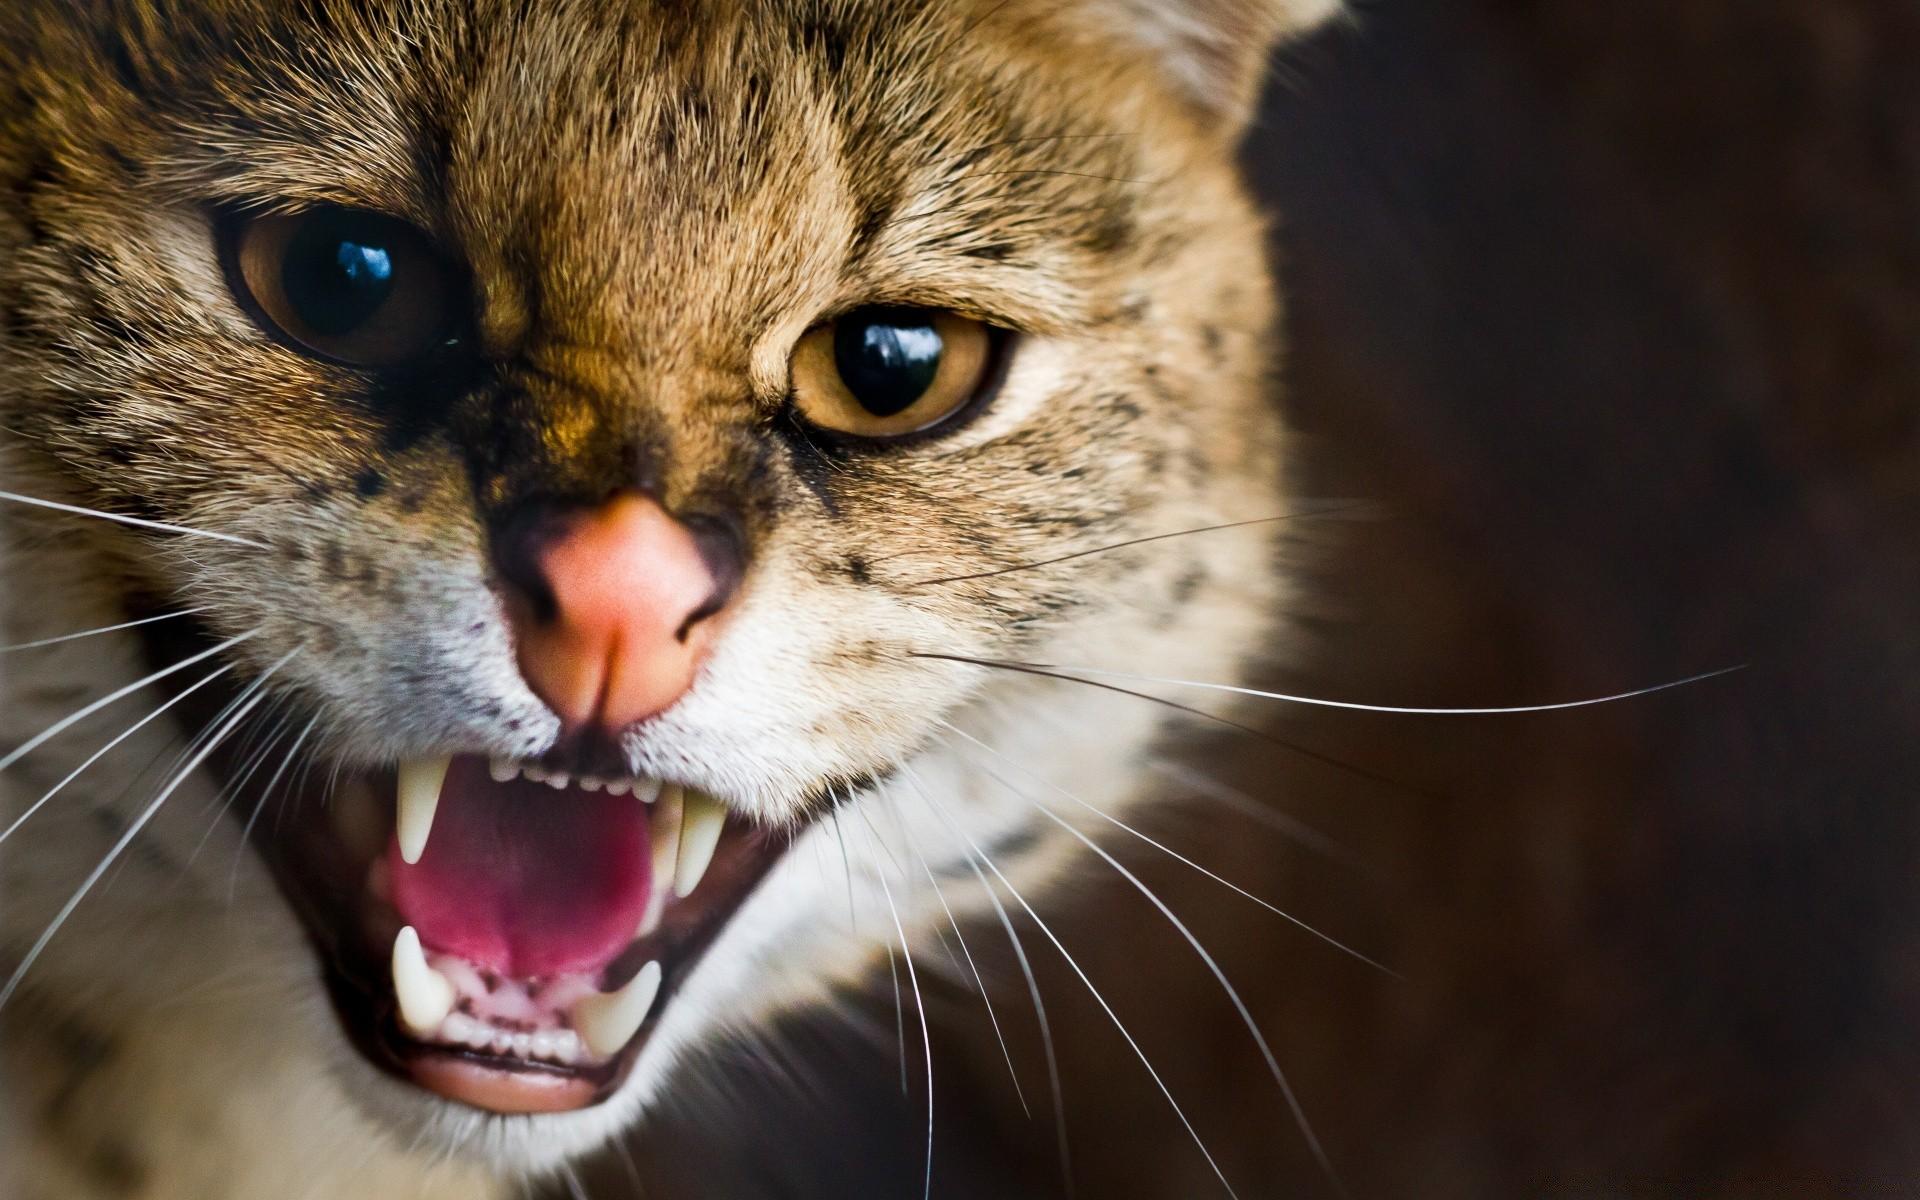 Прикольные картинки злых кошек, открытка